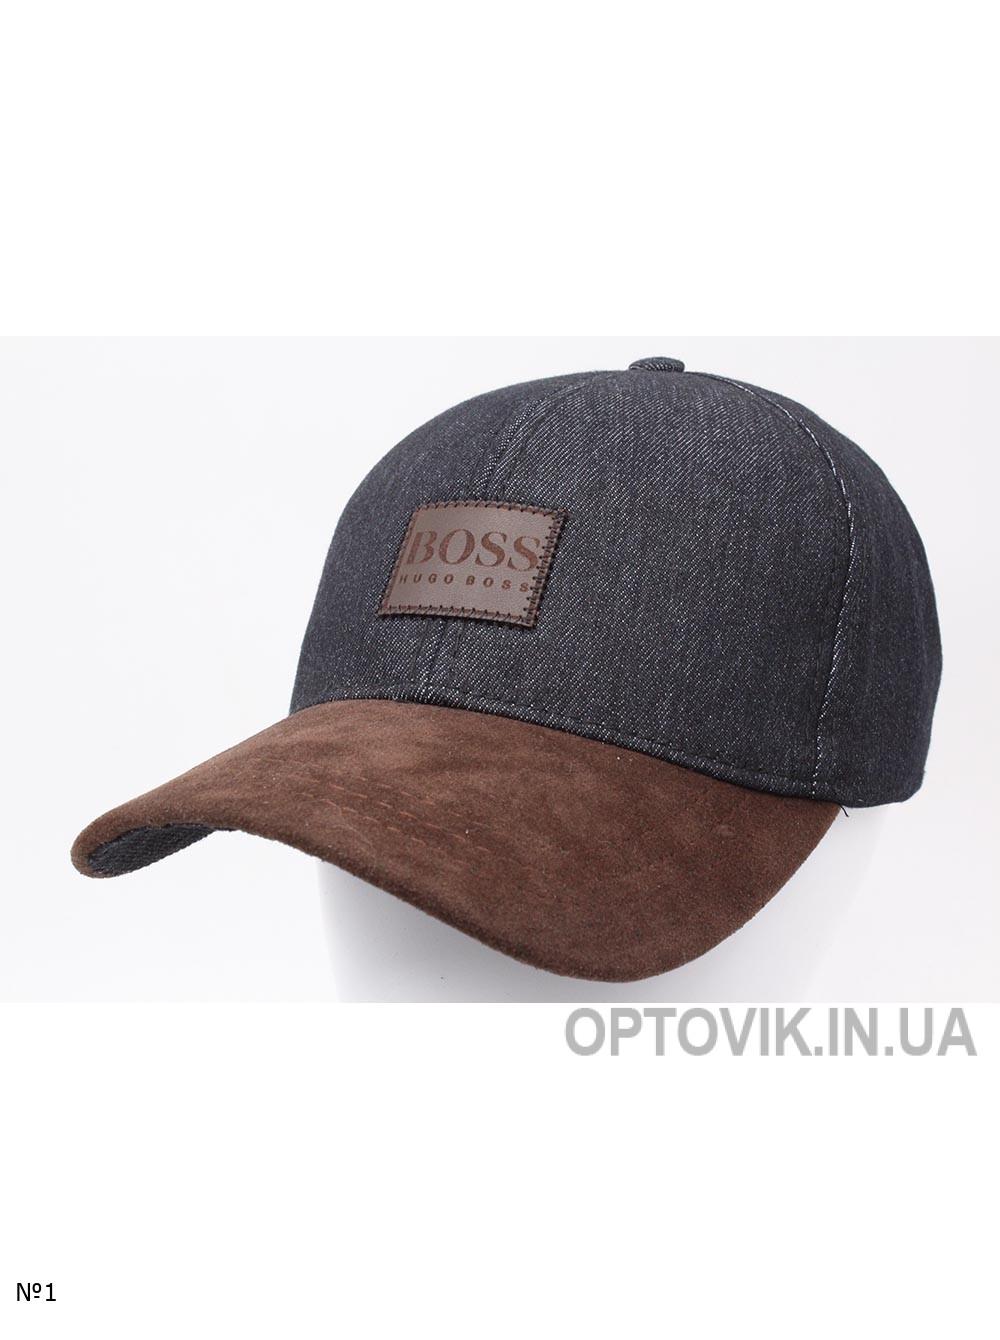 Джинсовая - sp94755-56-58